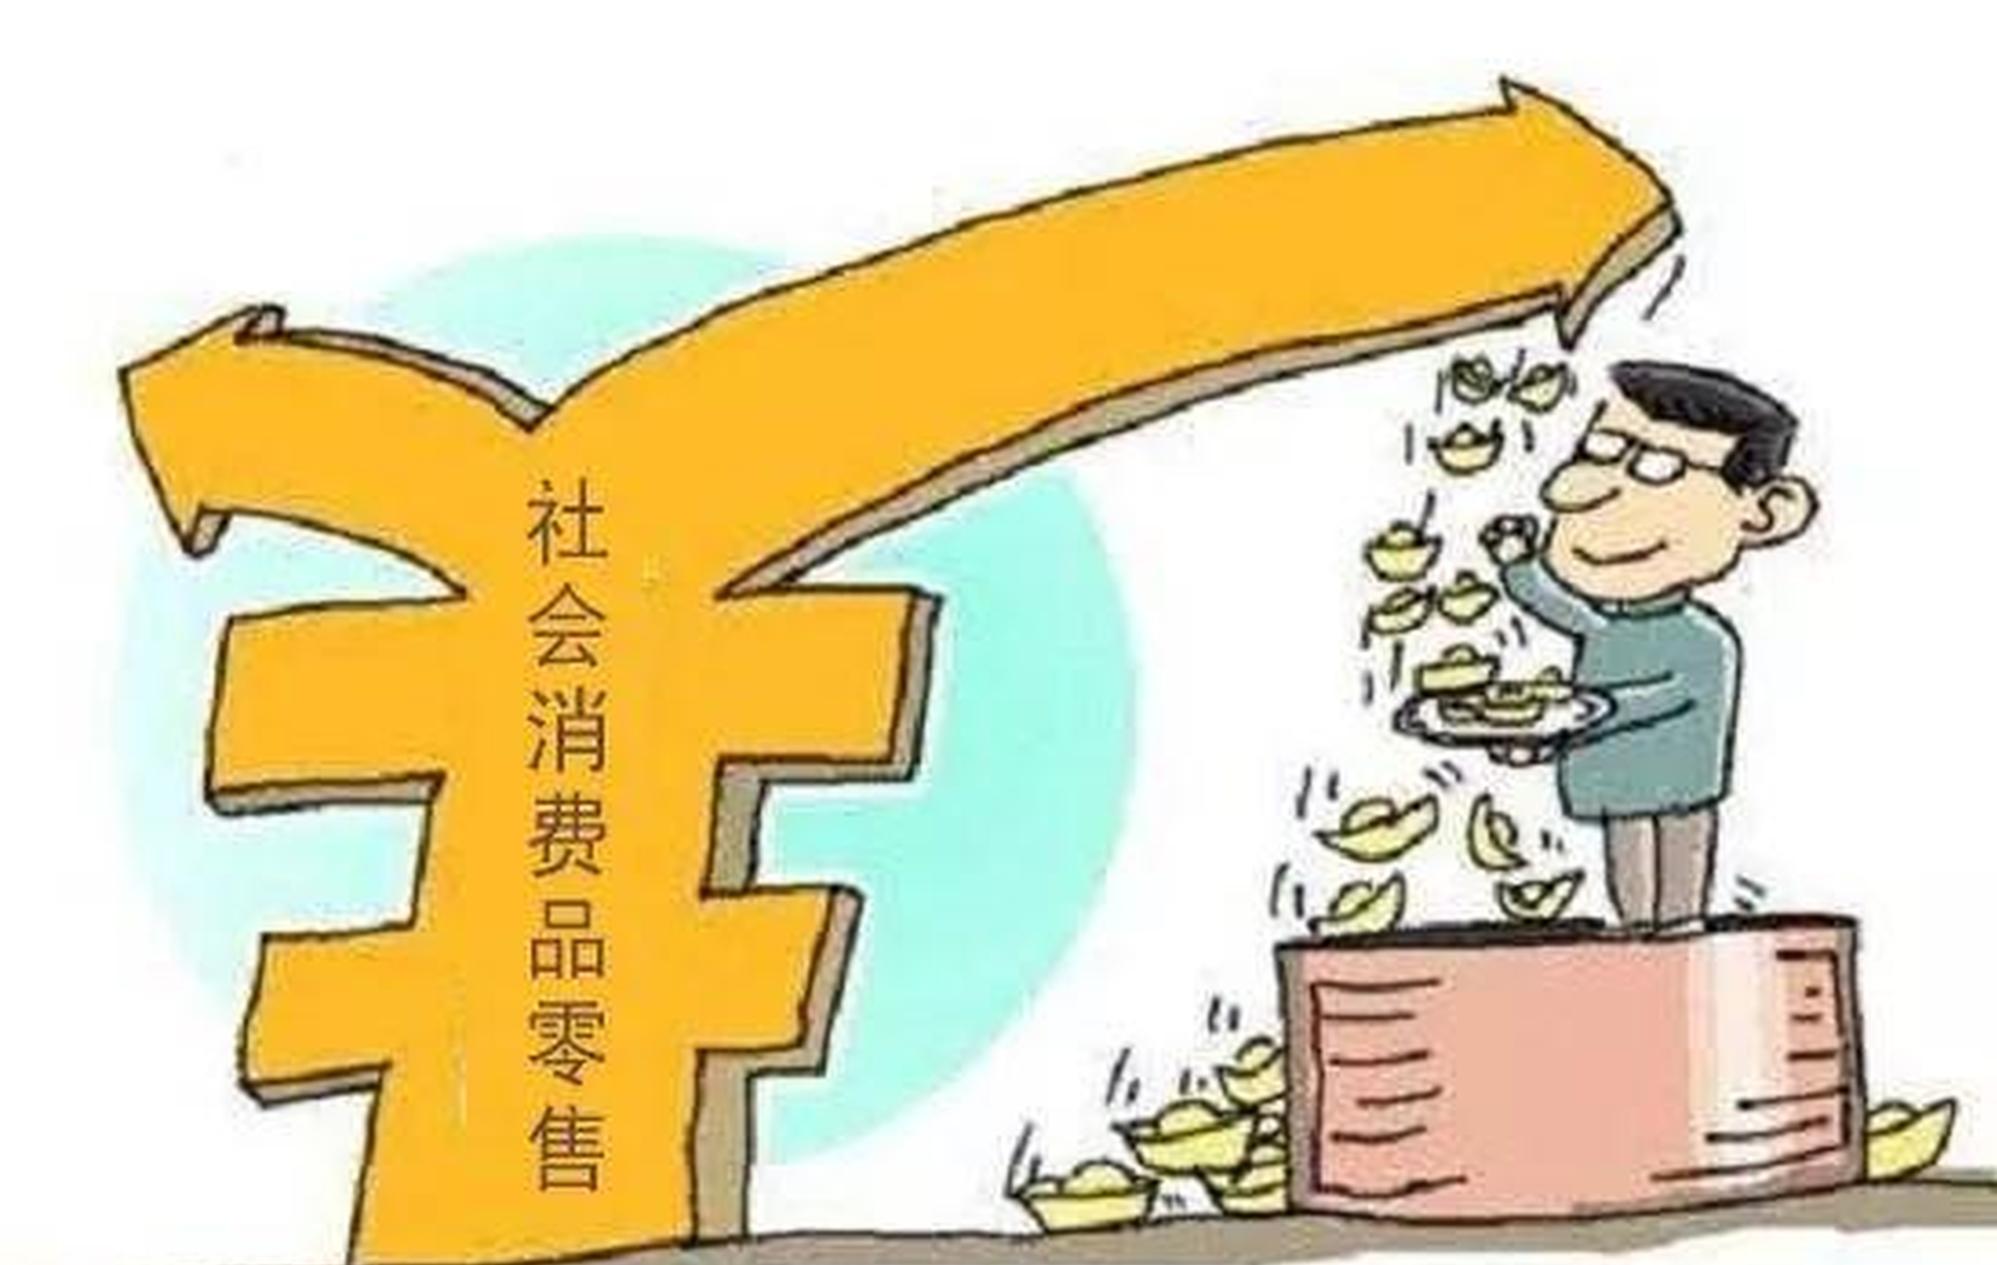 1至5月安徽省限上消费品零售额同比增长28.9%